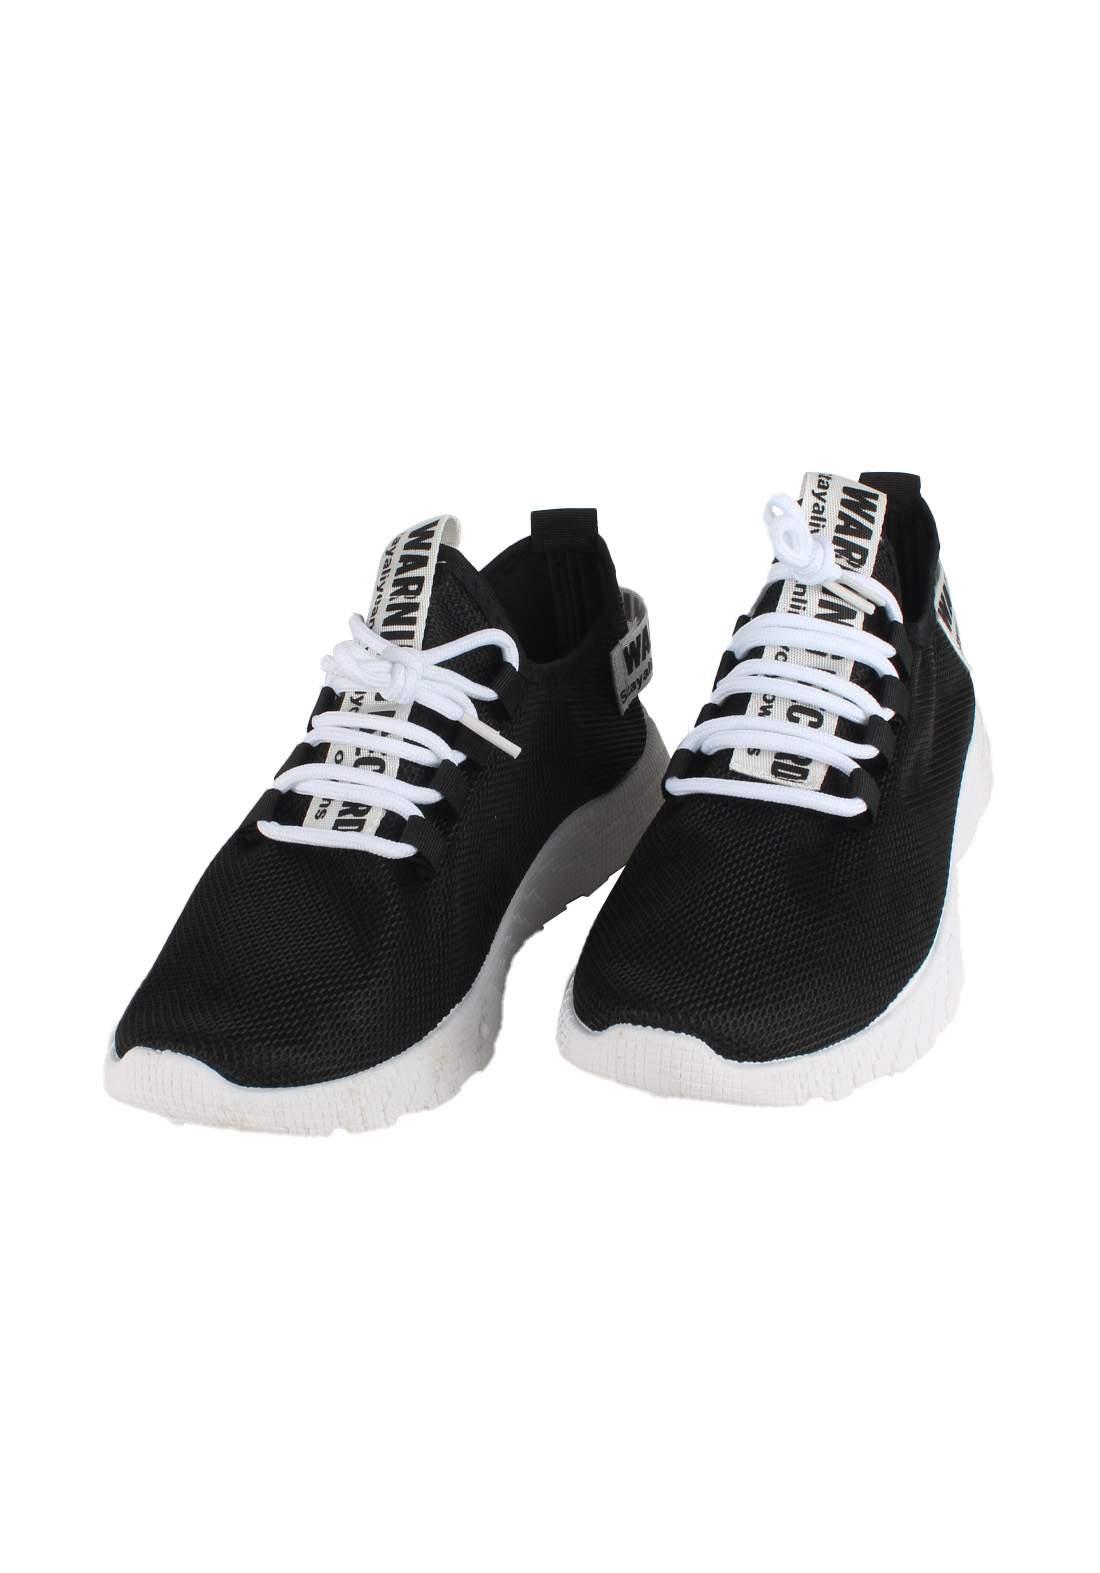 حذاء رياضي رجالي اسود و ابيض اللون 771